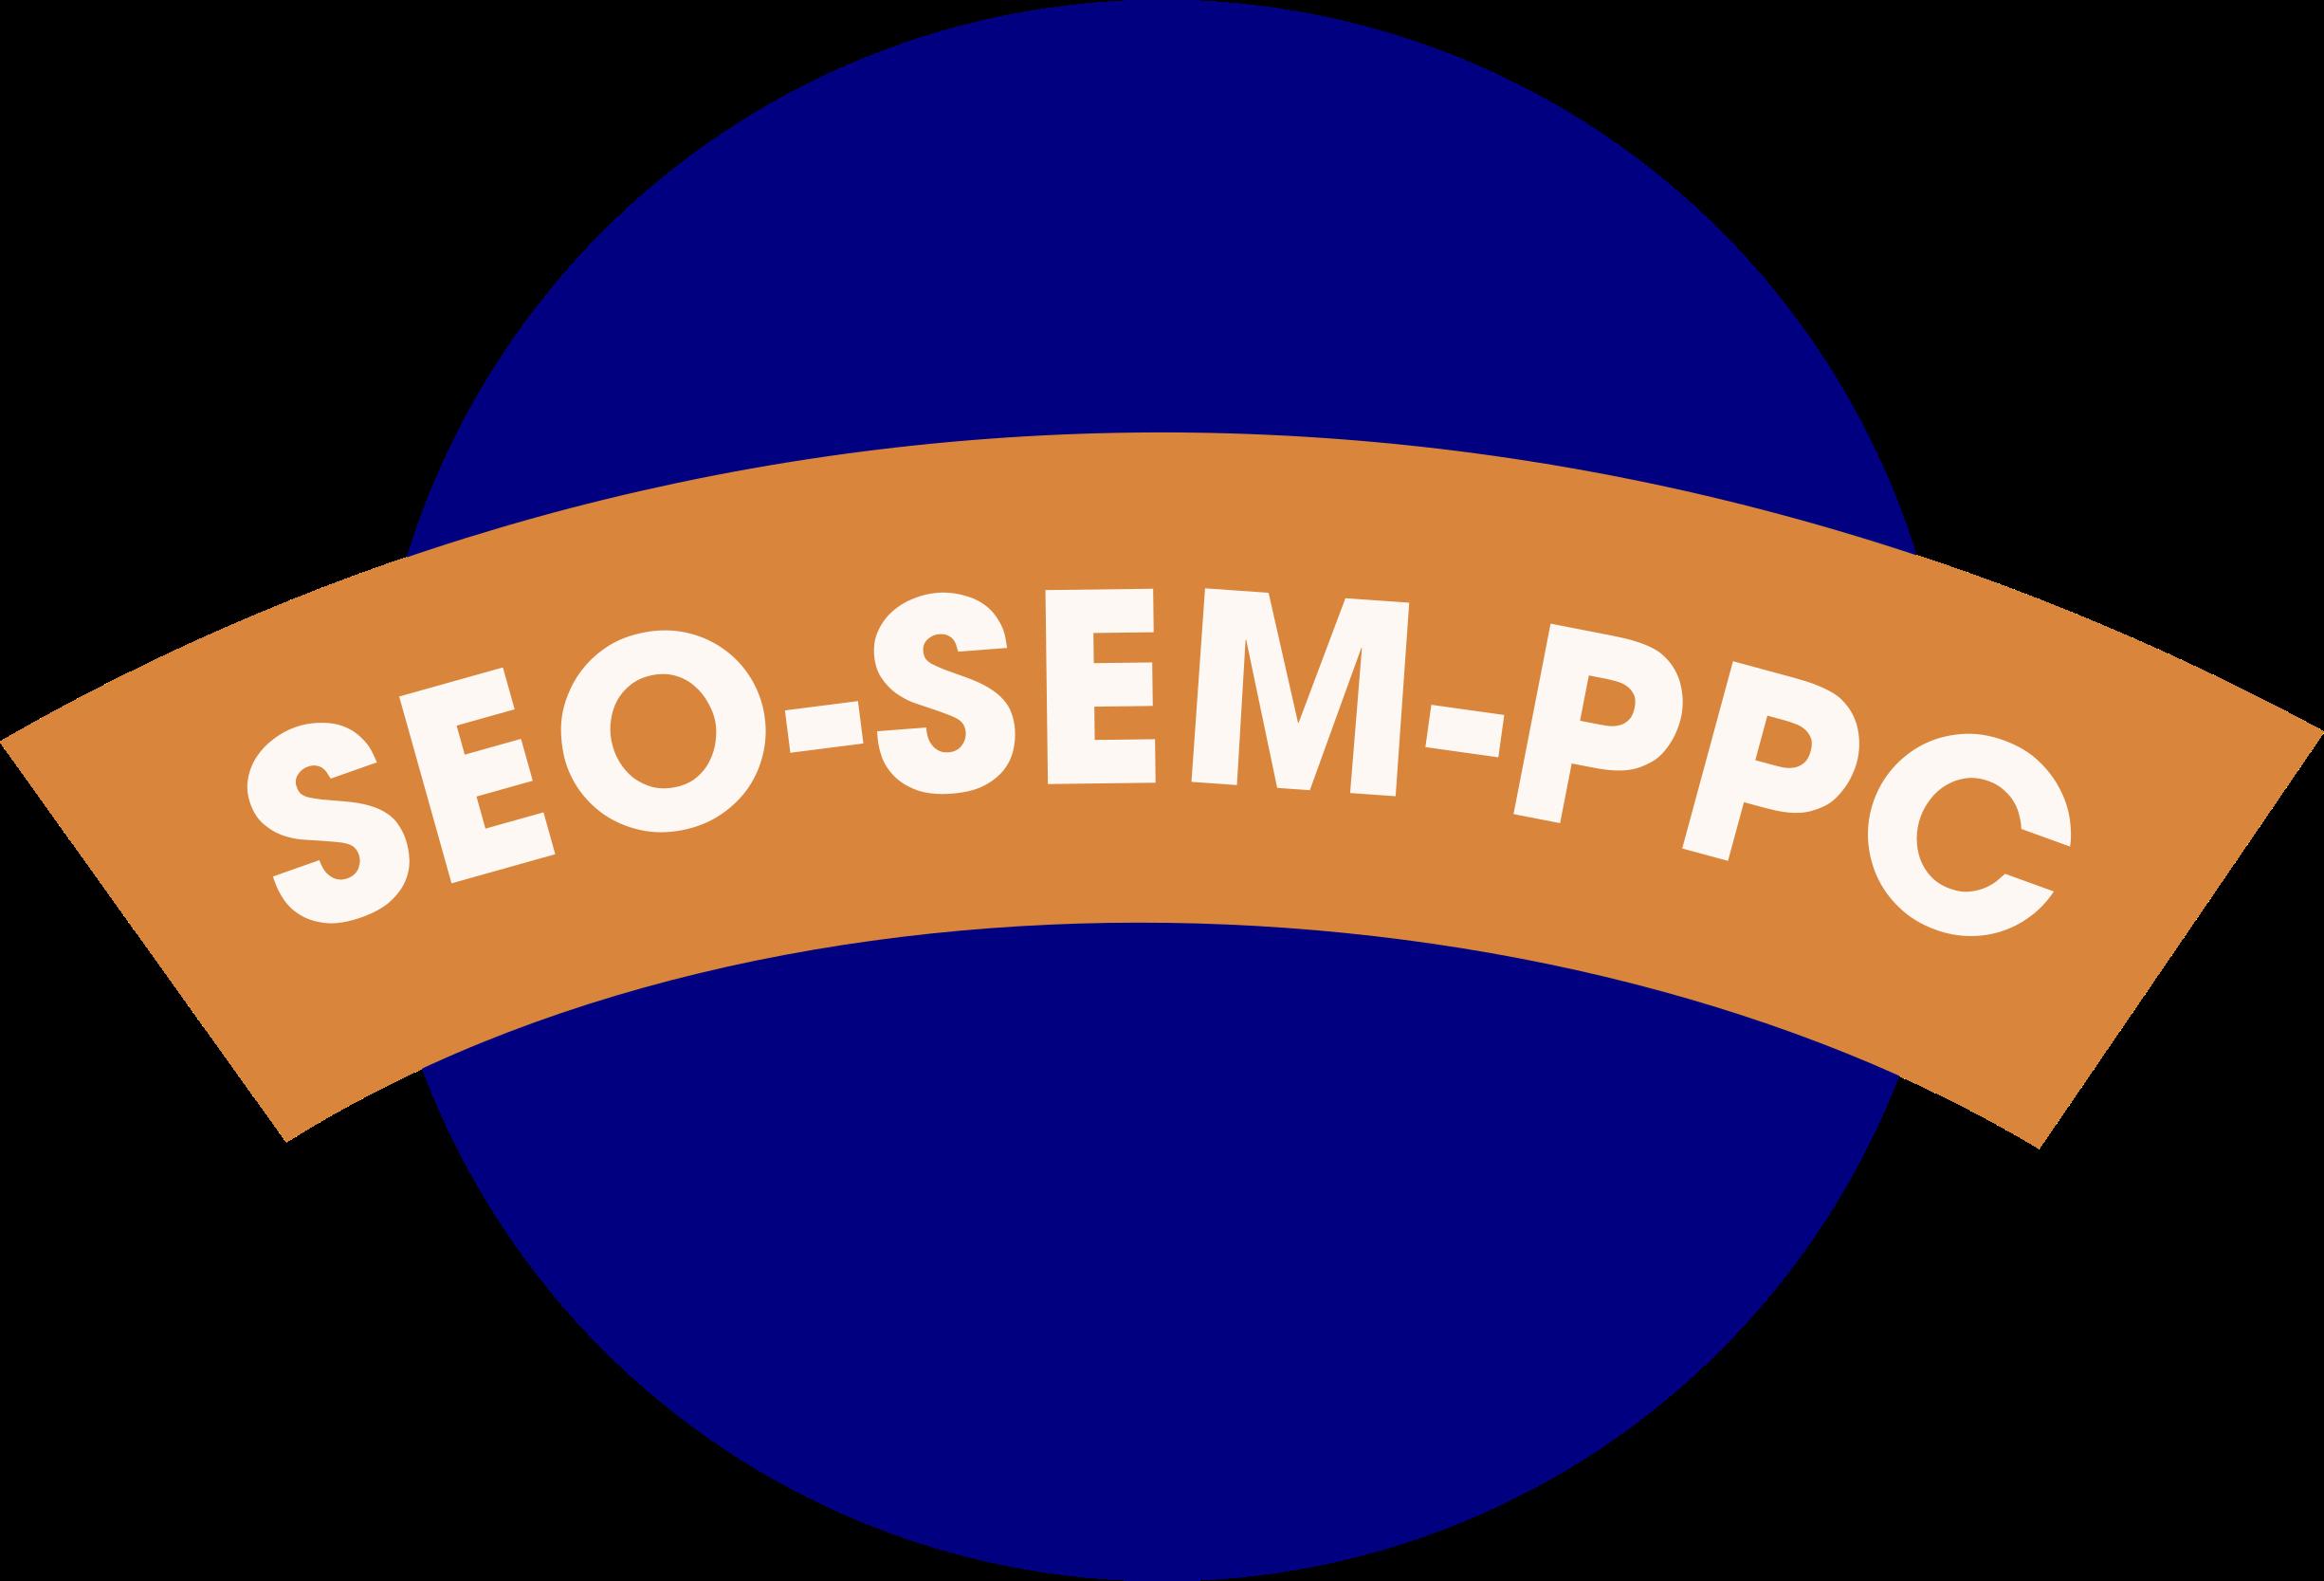 seo-sem-ppc markeitng logo